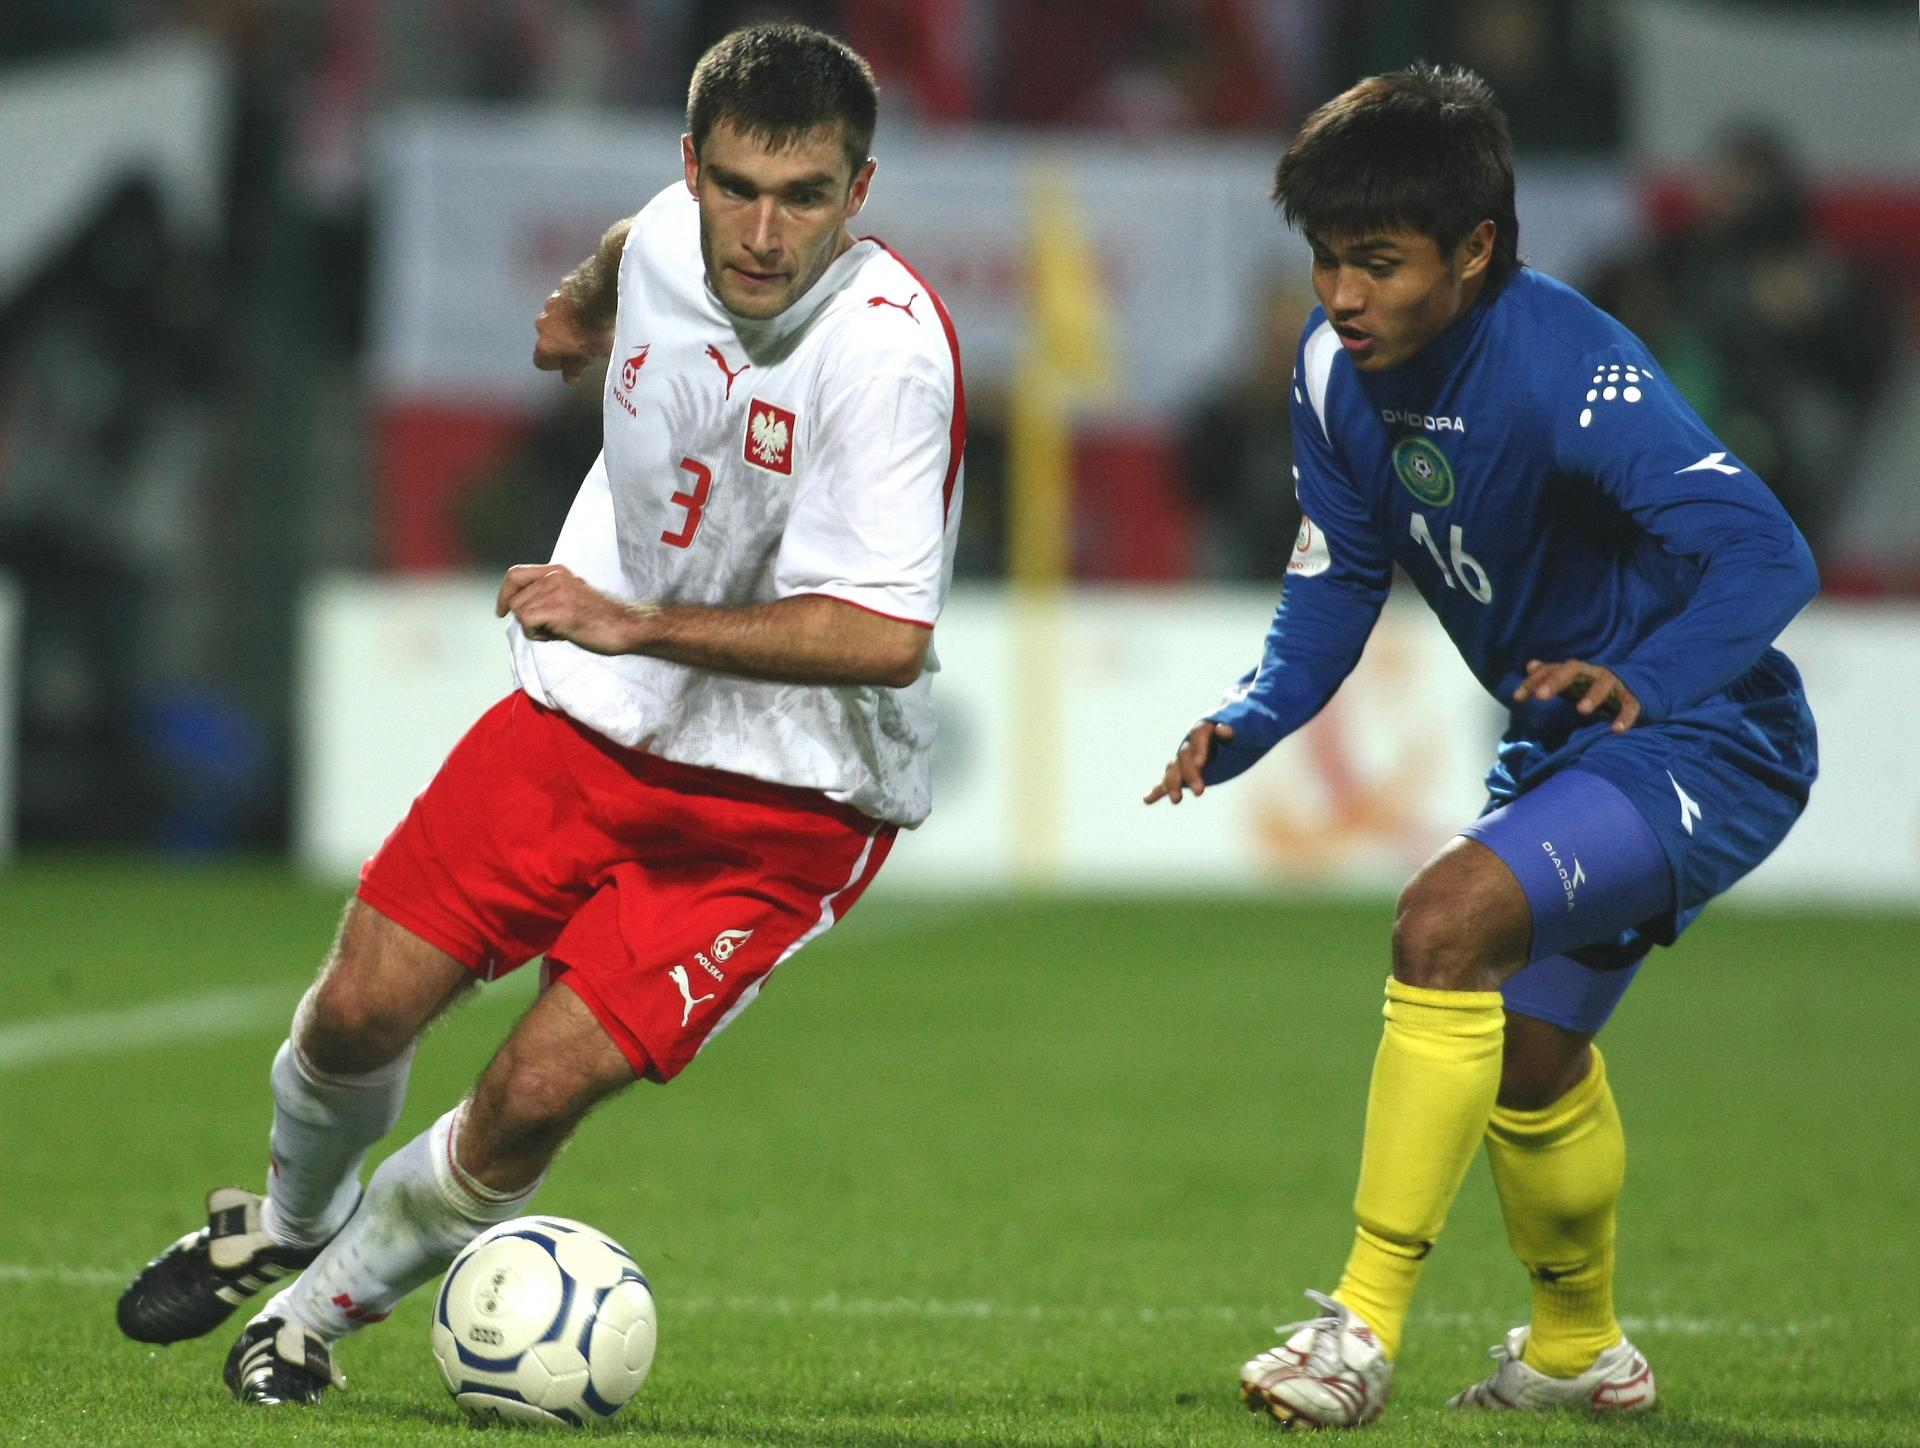 Grzegorz Bronowicki podczas meczu Polska - Kazachstan 3:1 (13.10.2007).